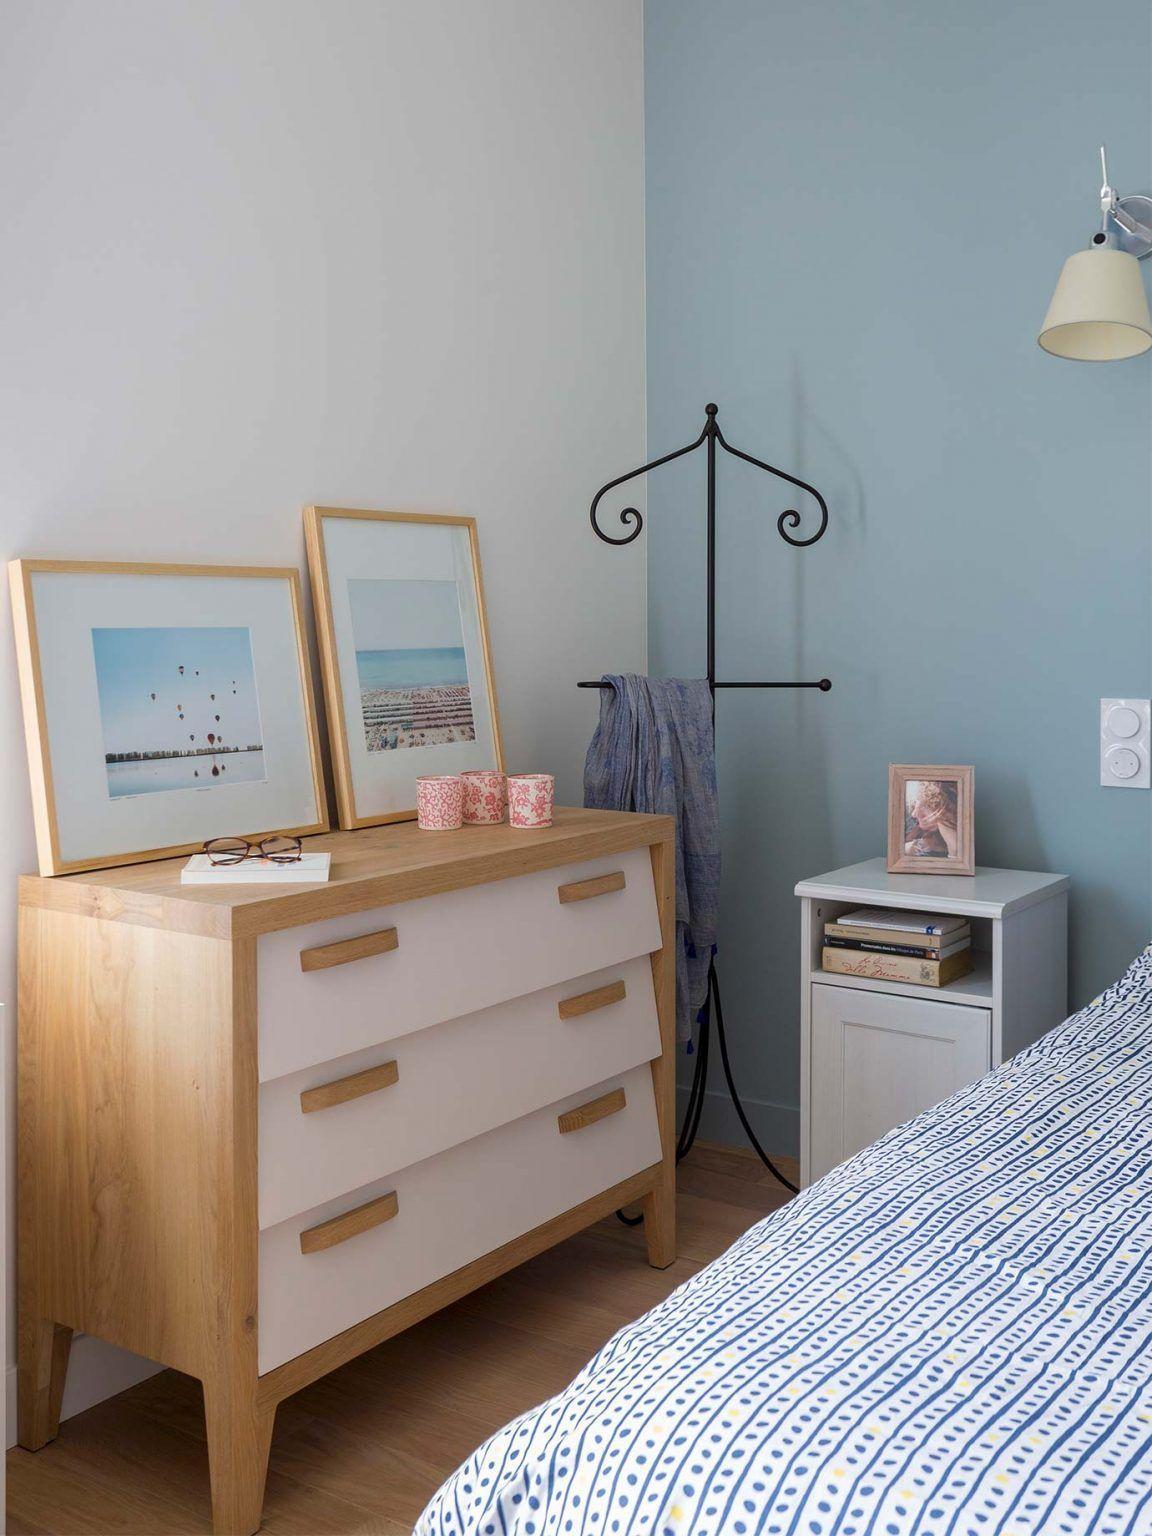 Klamottenstuhl Kleiderablage Schlafzimmer